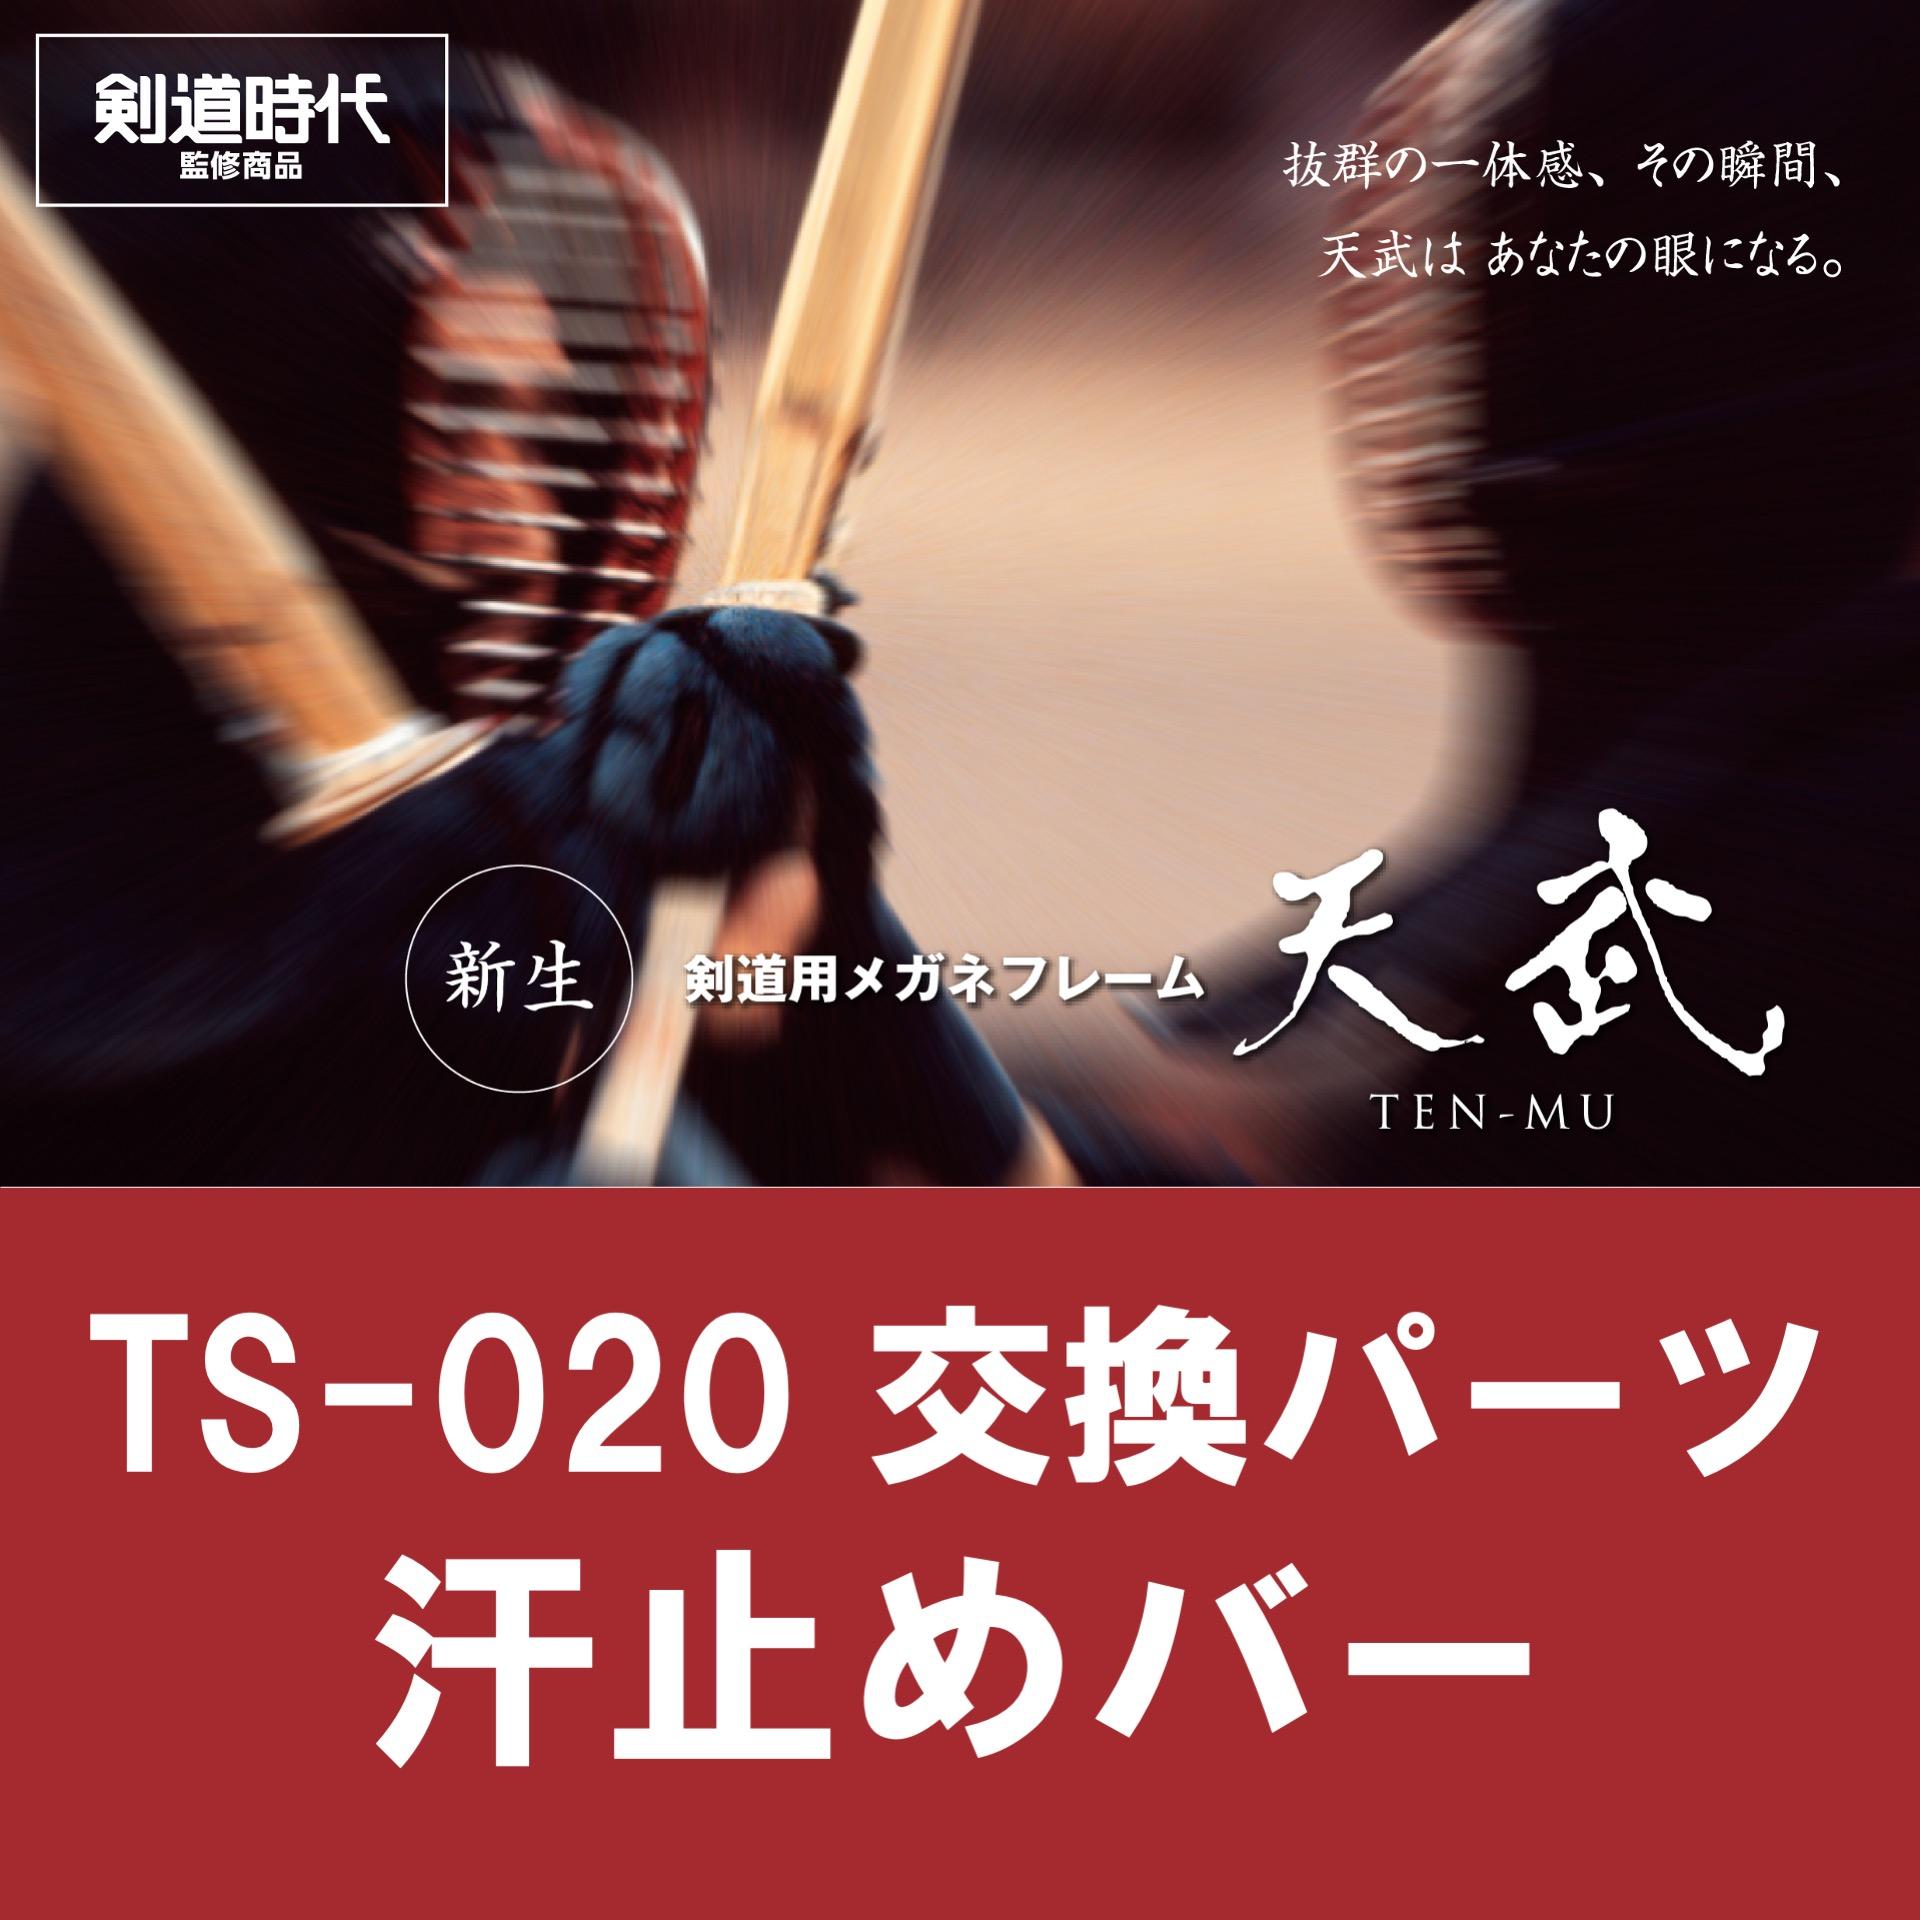 期間限定で特別価格 和真オリジナル商品 天武TS-020 店内全品対象 交換用汗止めバー